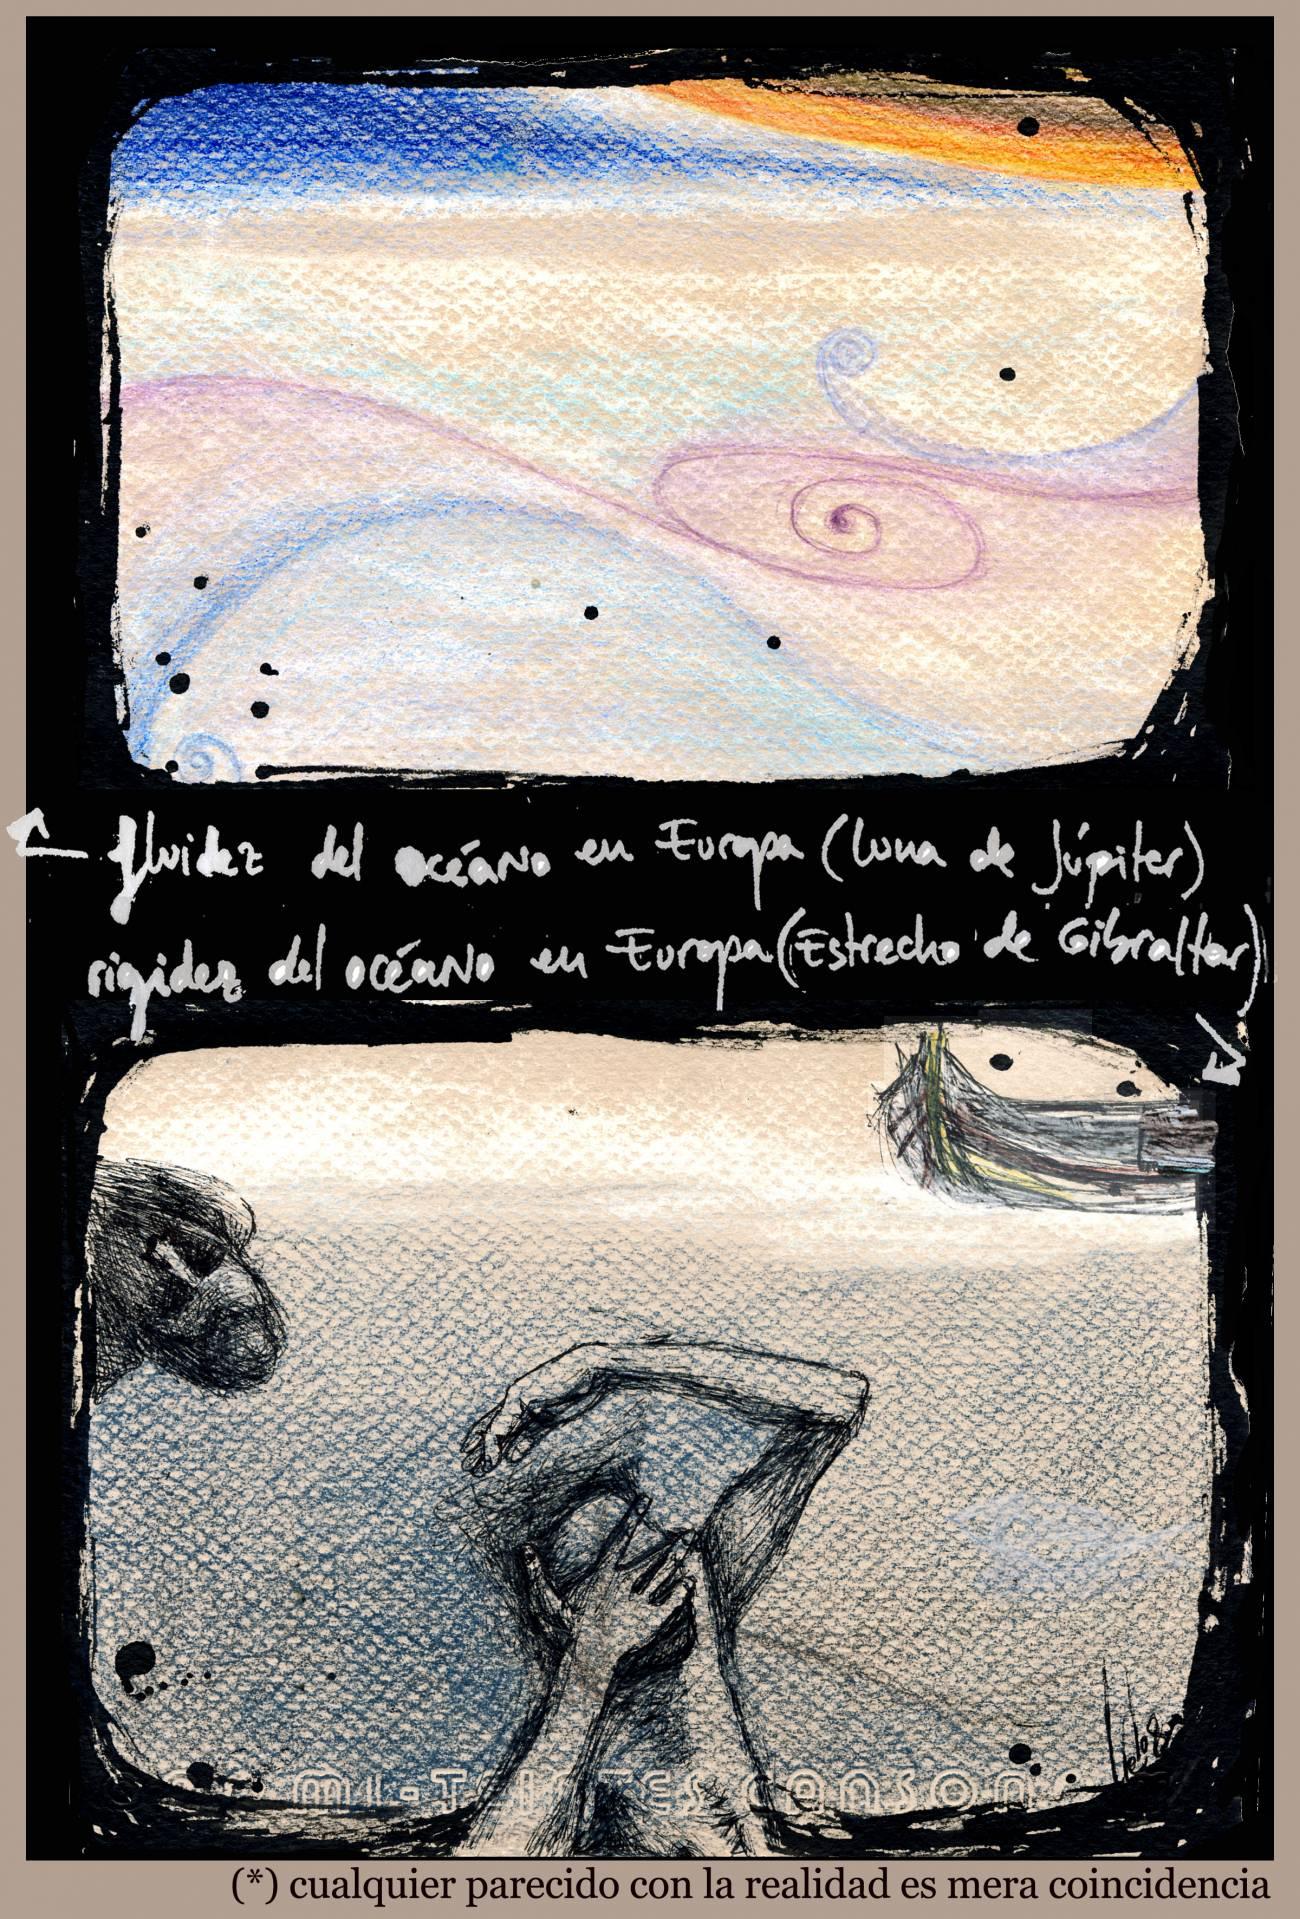 La mirada de Galileo